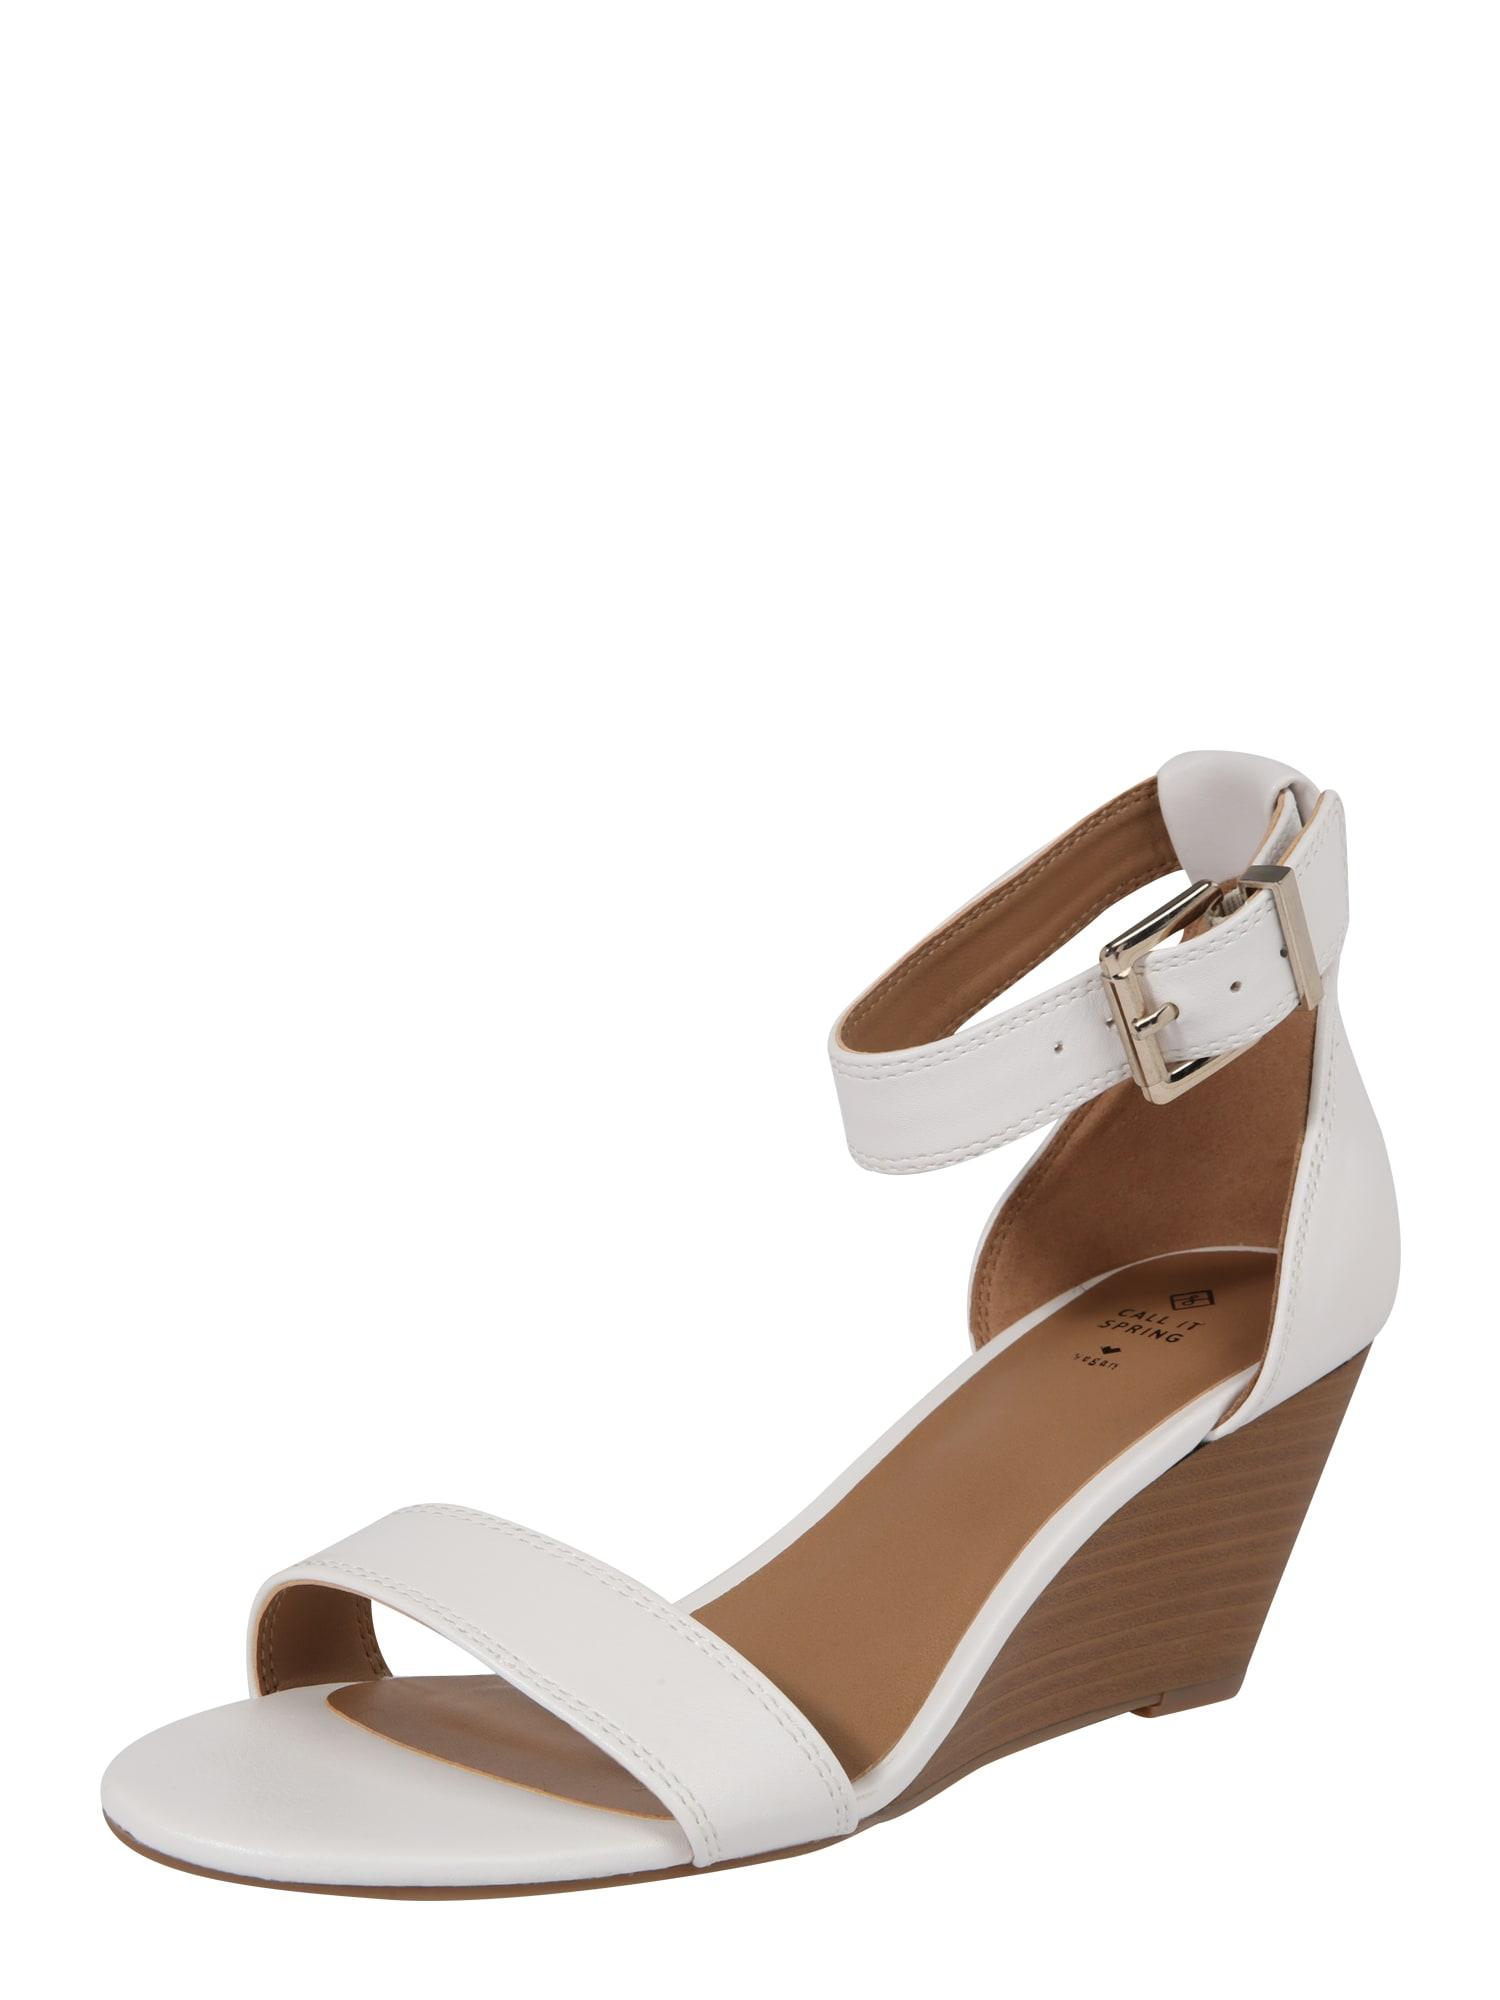 Sandály ABAUSSA hnědá bílá CALL IT SPRING